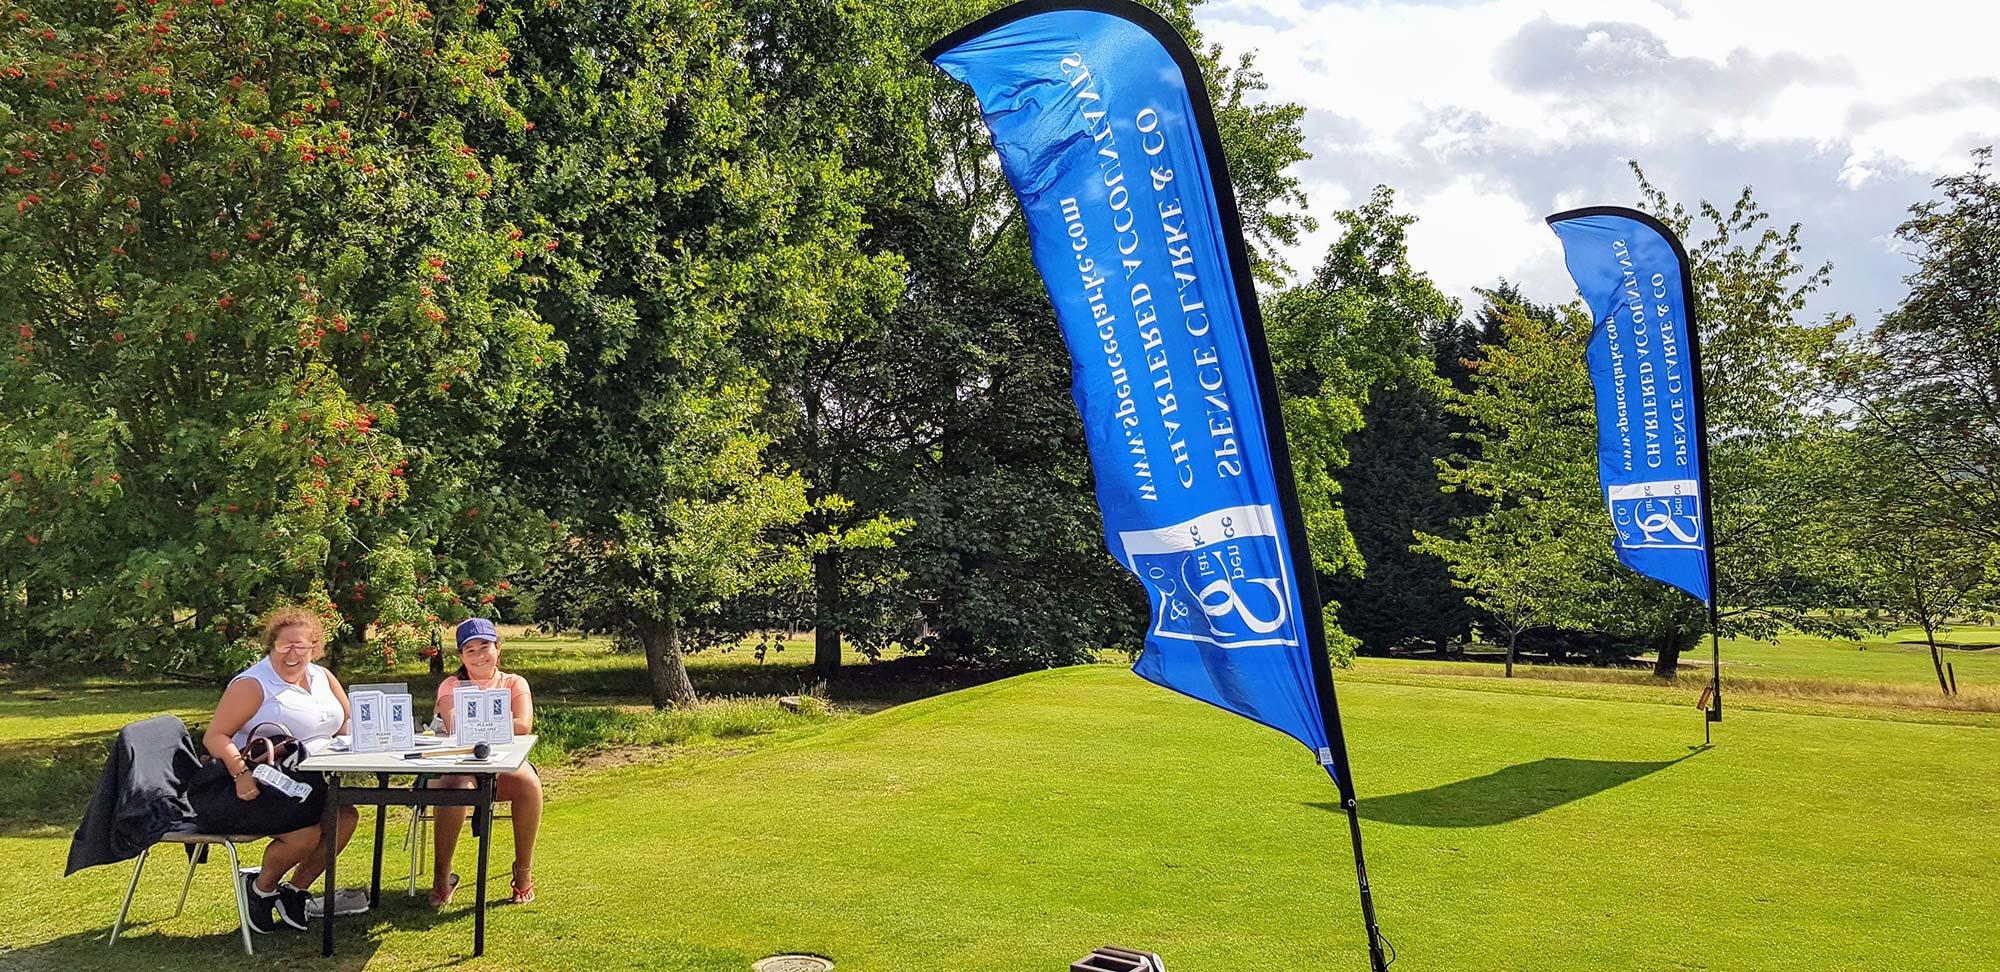 Prestigious Venues Golf Day 2019, 30